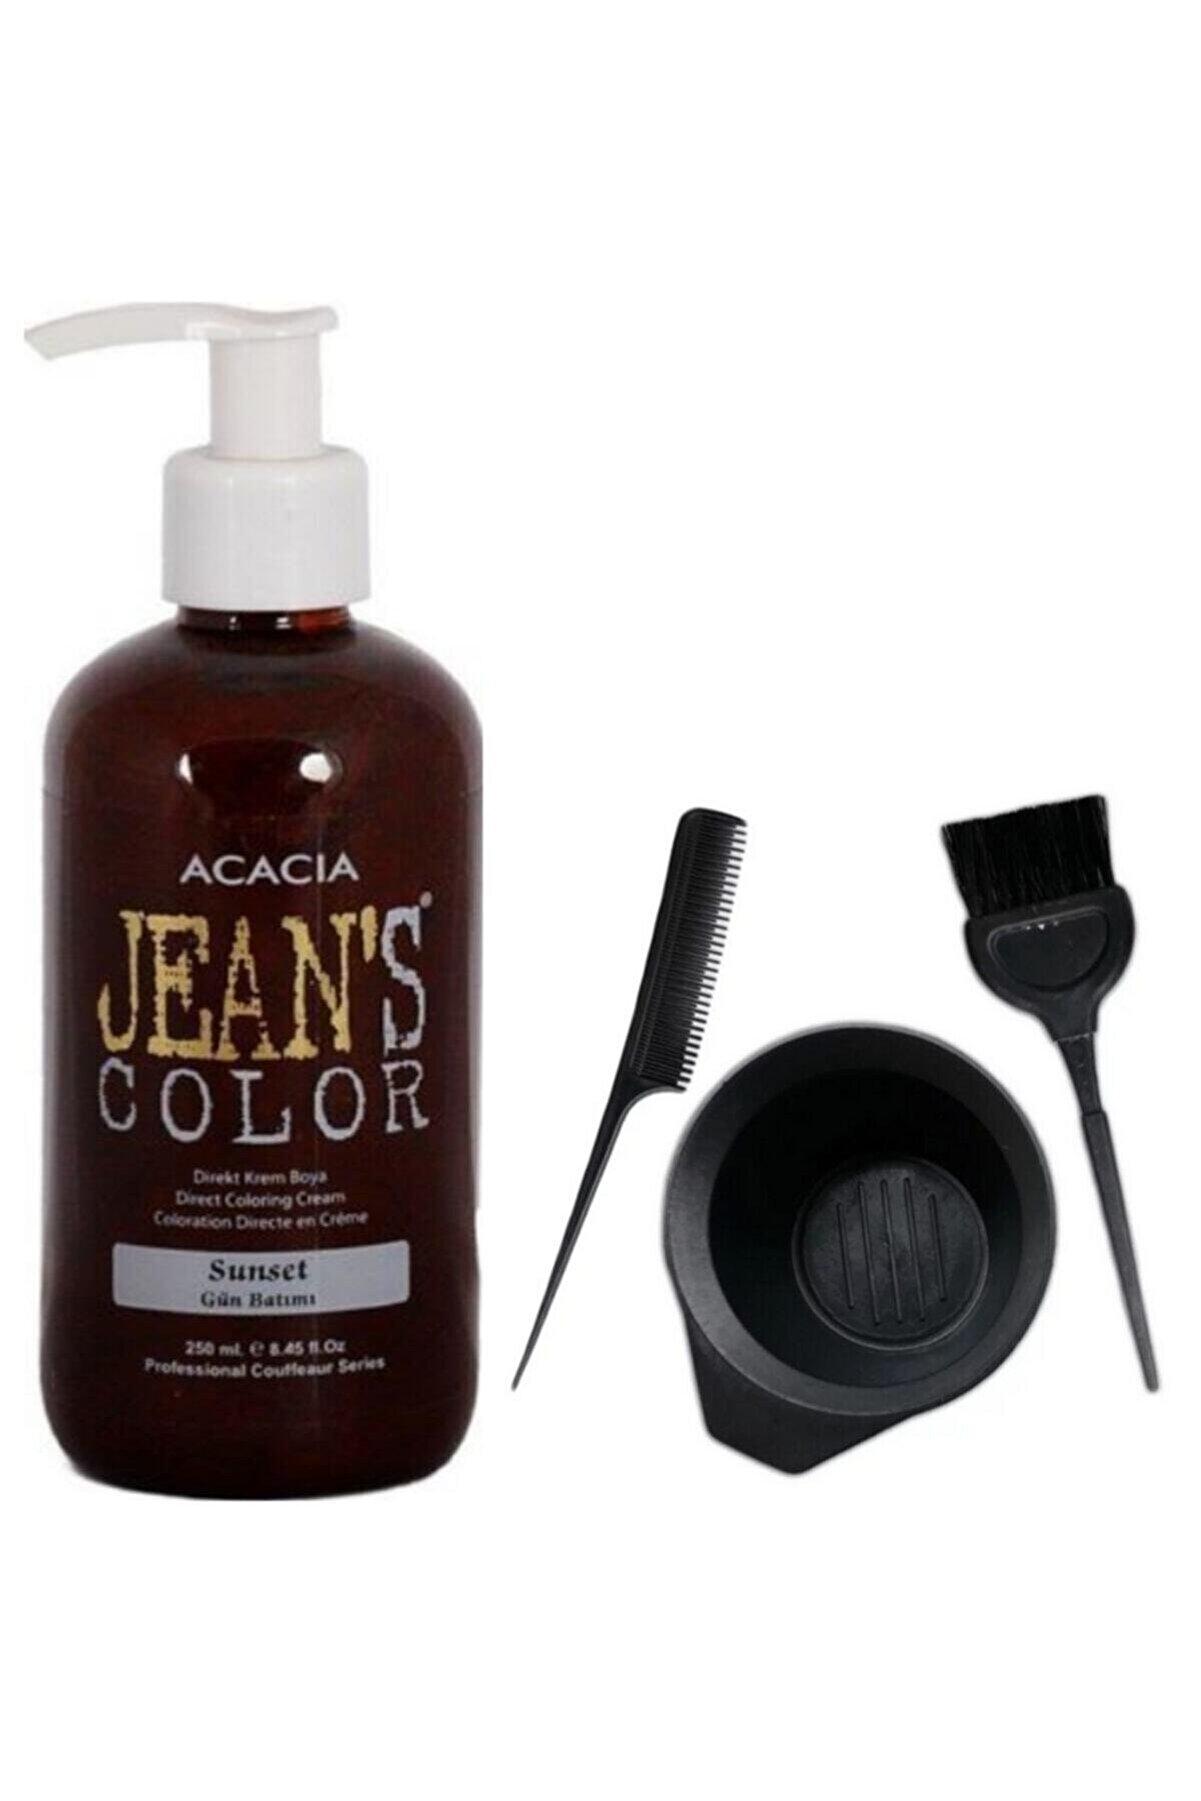 Acacia Jeans Color Saç Boyası Gün Batımı 250 Ml Ve Fluweel Saç Boya Kabı Seti